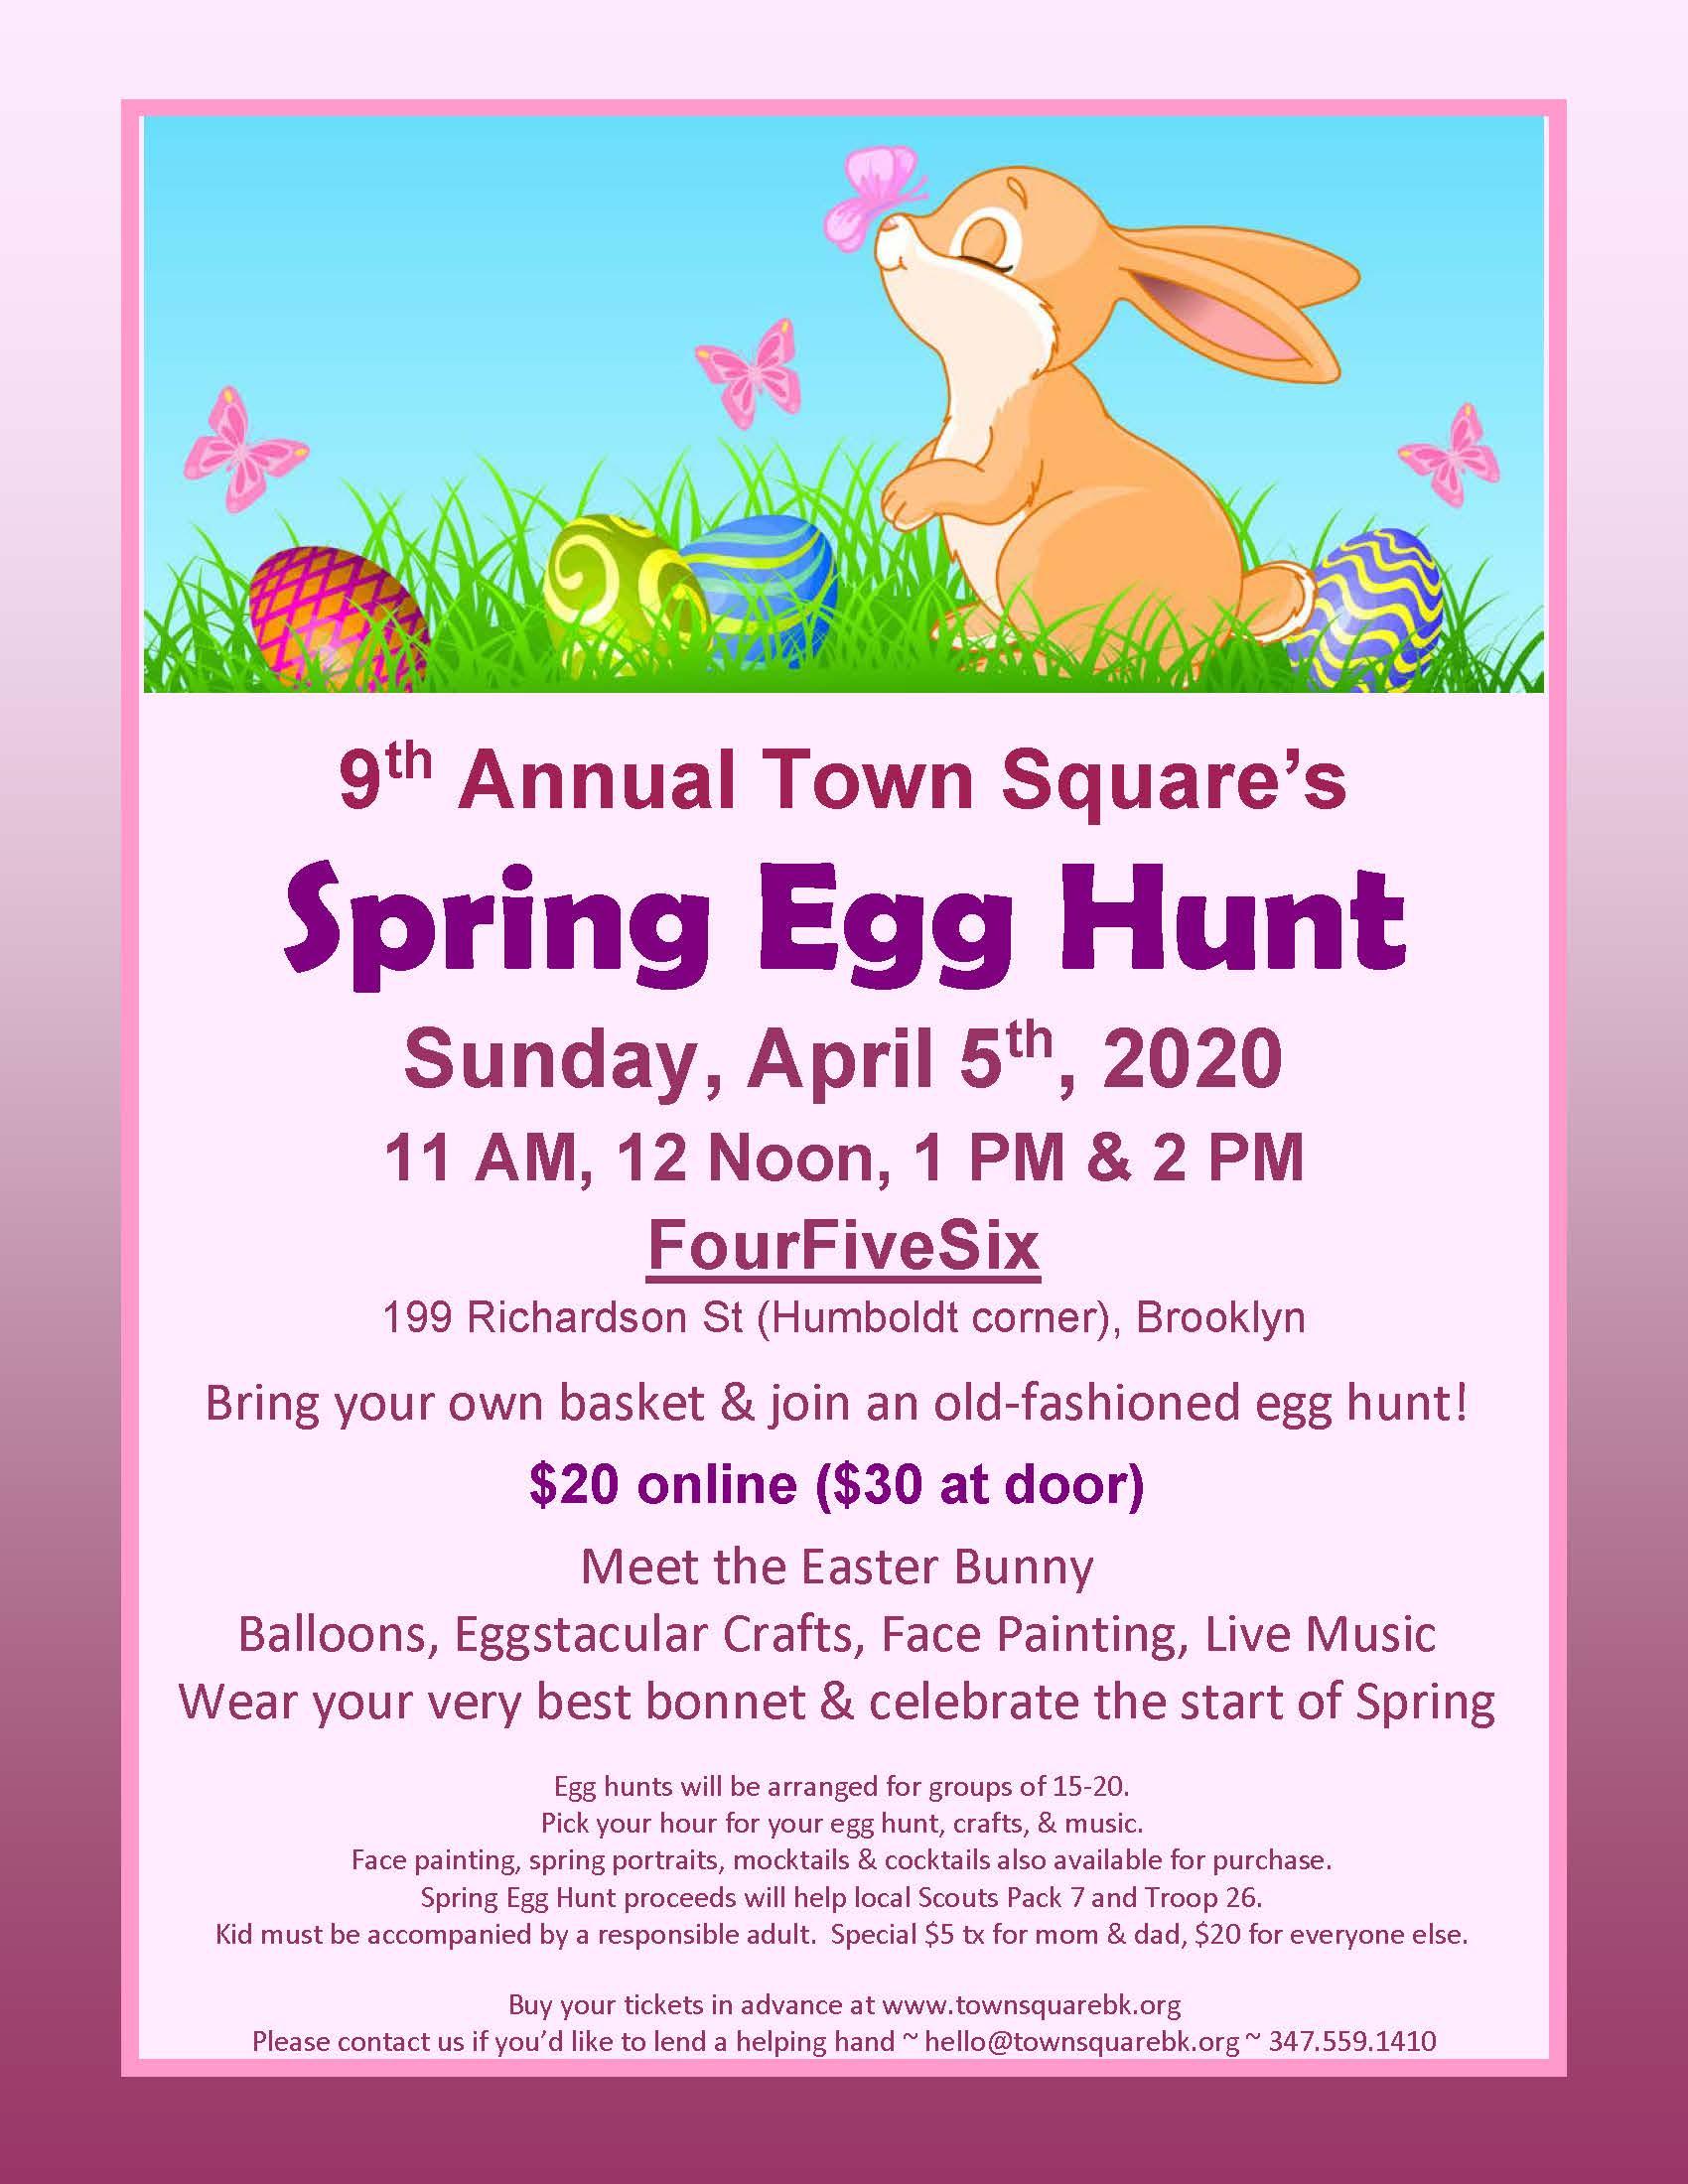 Spring Egg Hunt flyer 2020